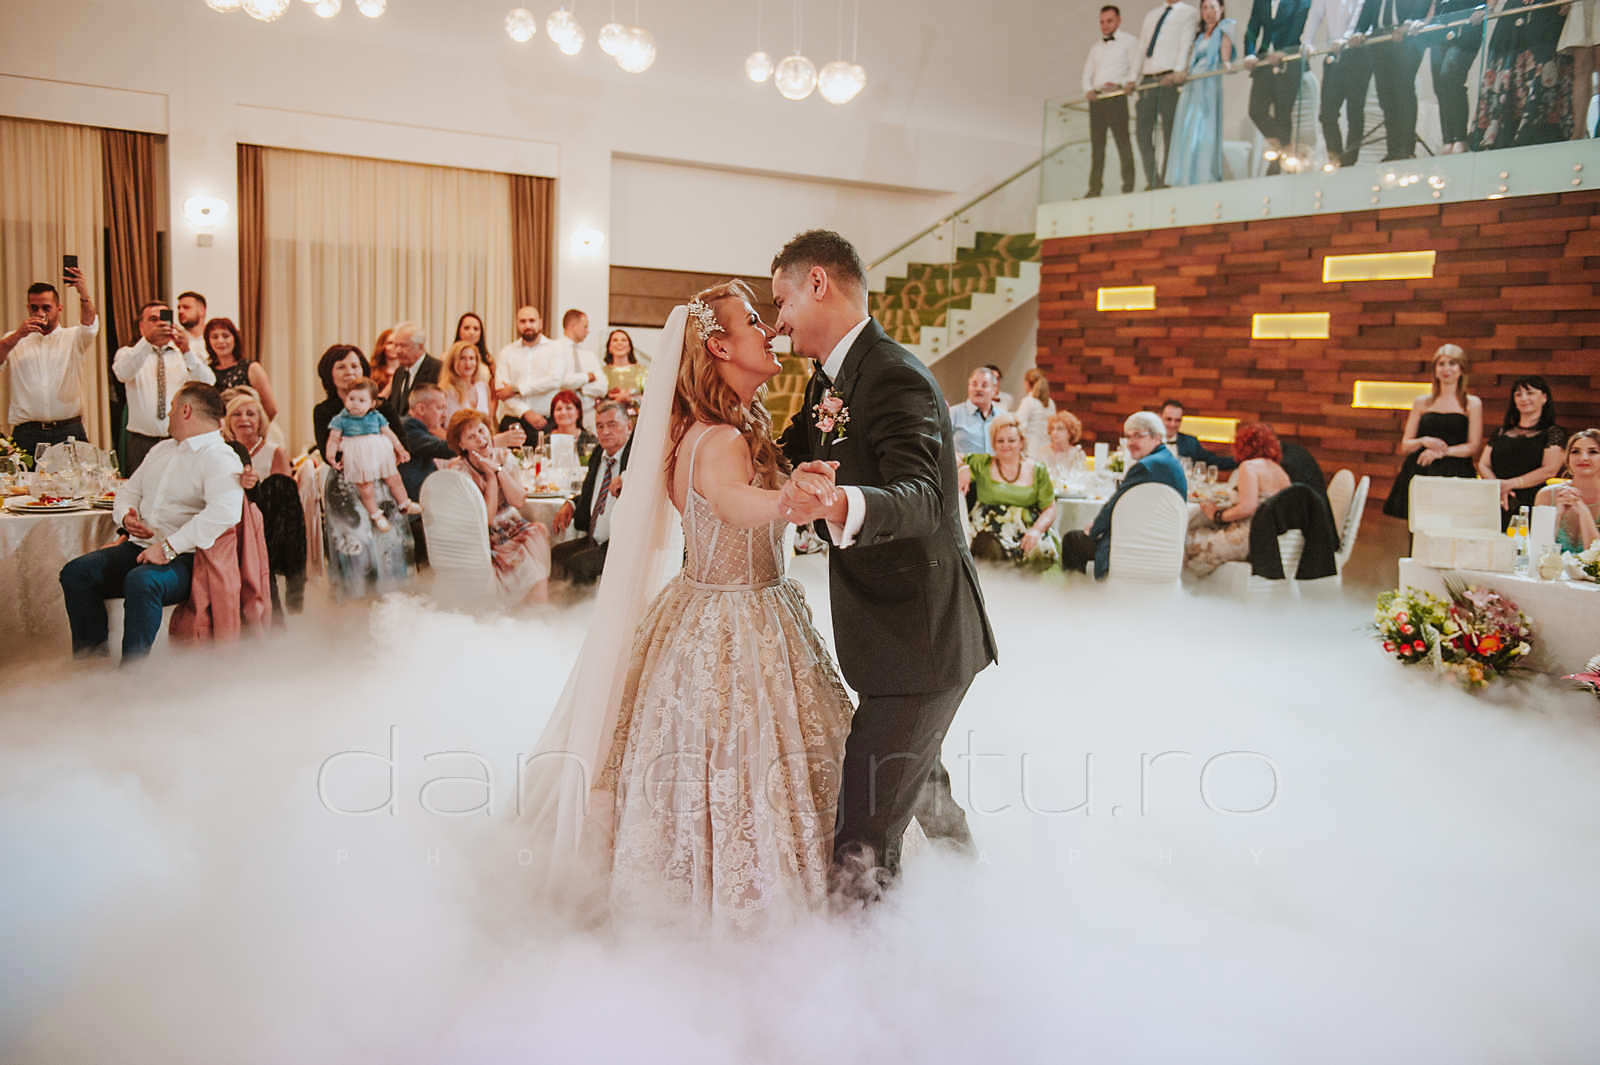 fotograf nunta ploiesti davinci